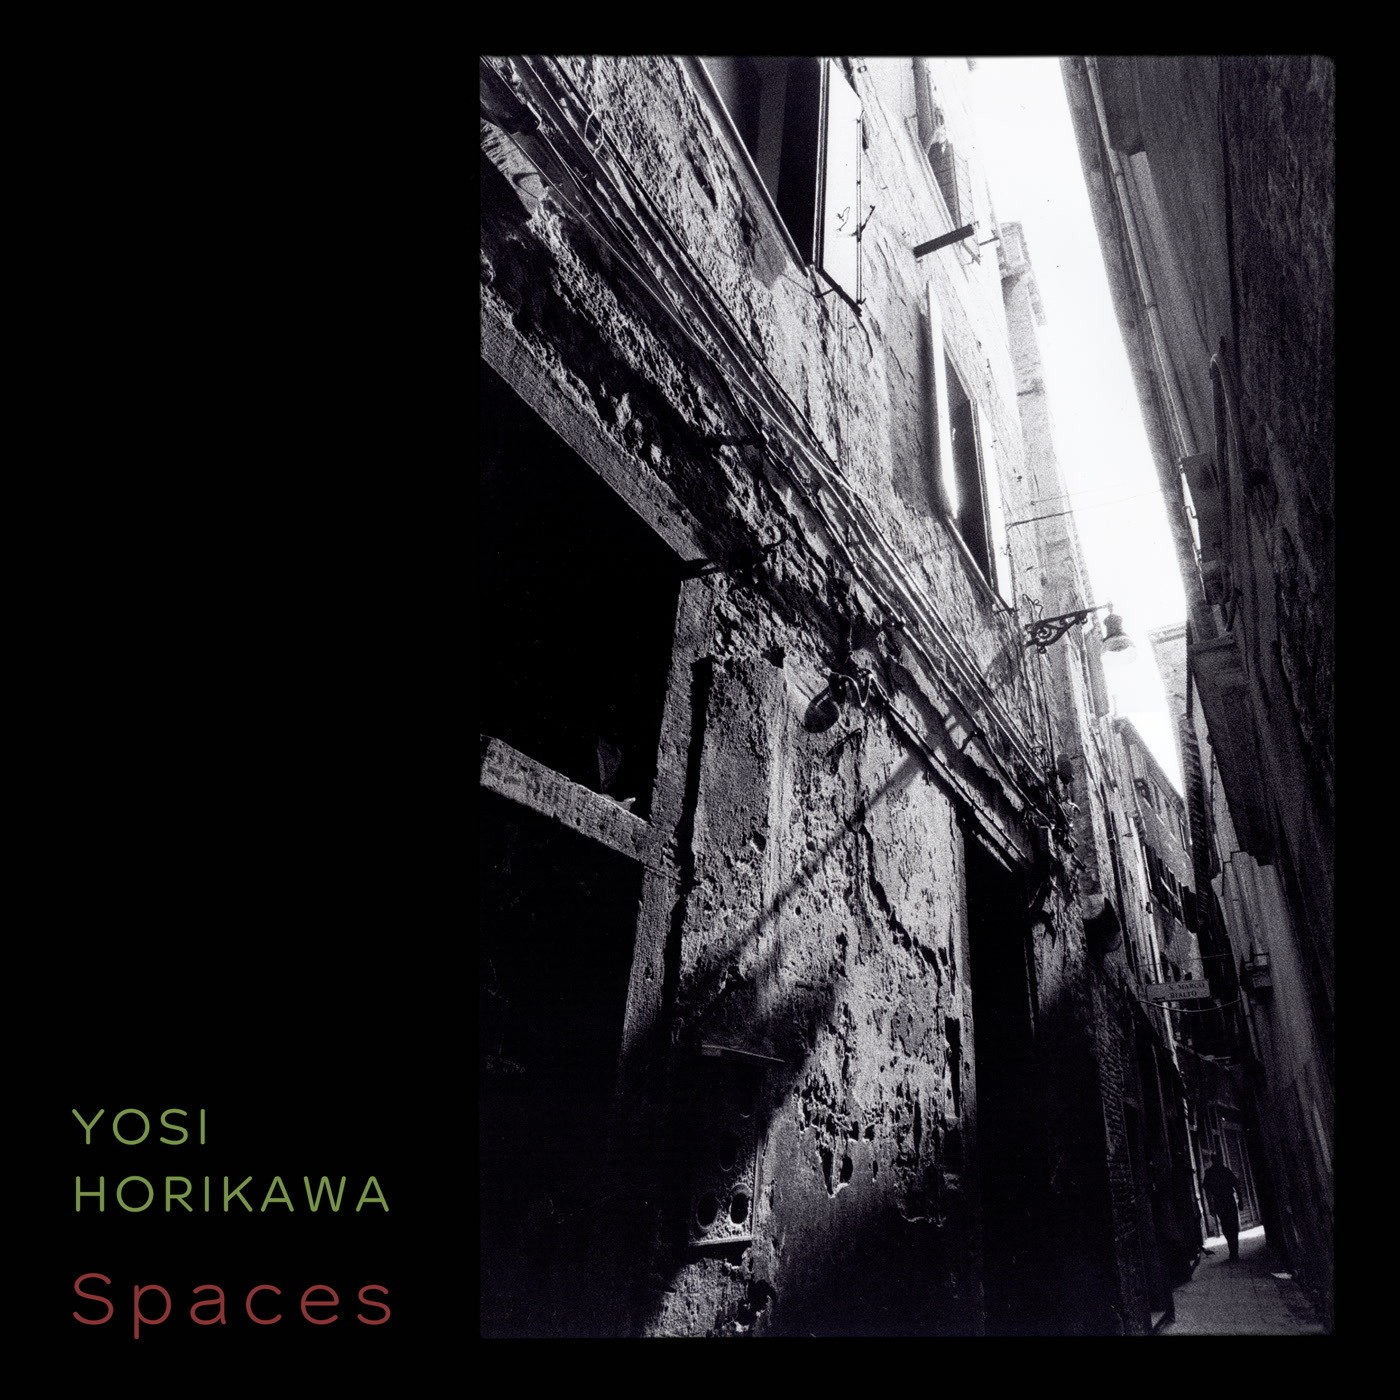 Yosi Horikawa – Spaces [FLAC + MP3 320 / WEB] [2019.05.31]